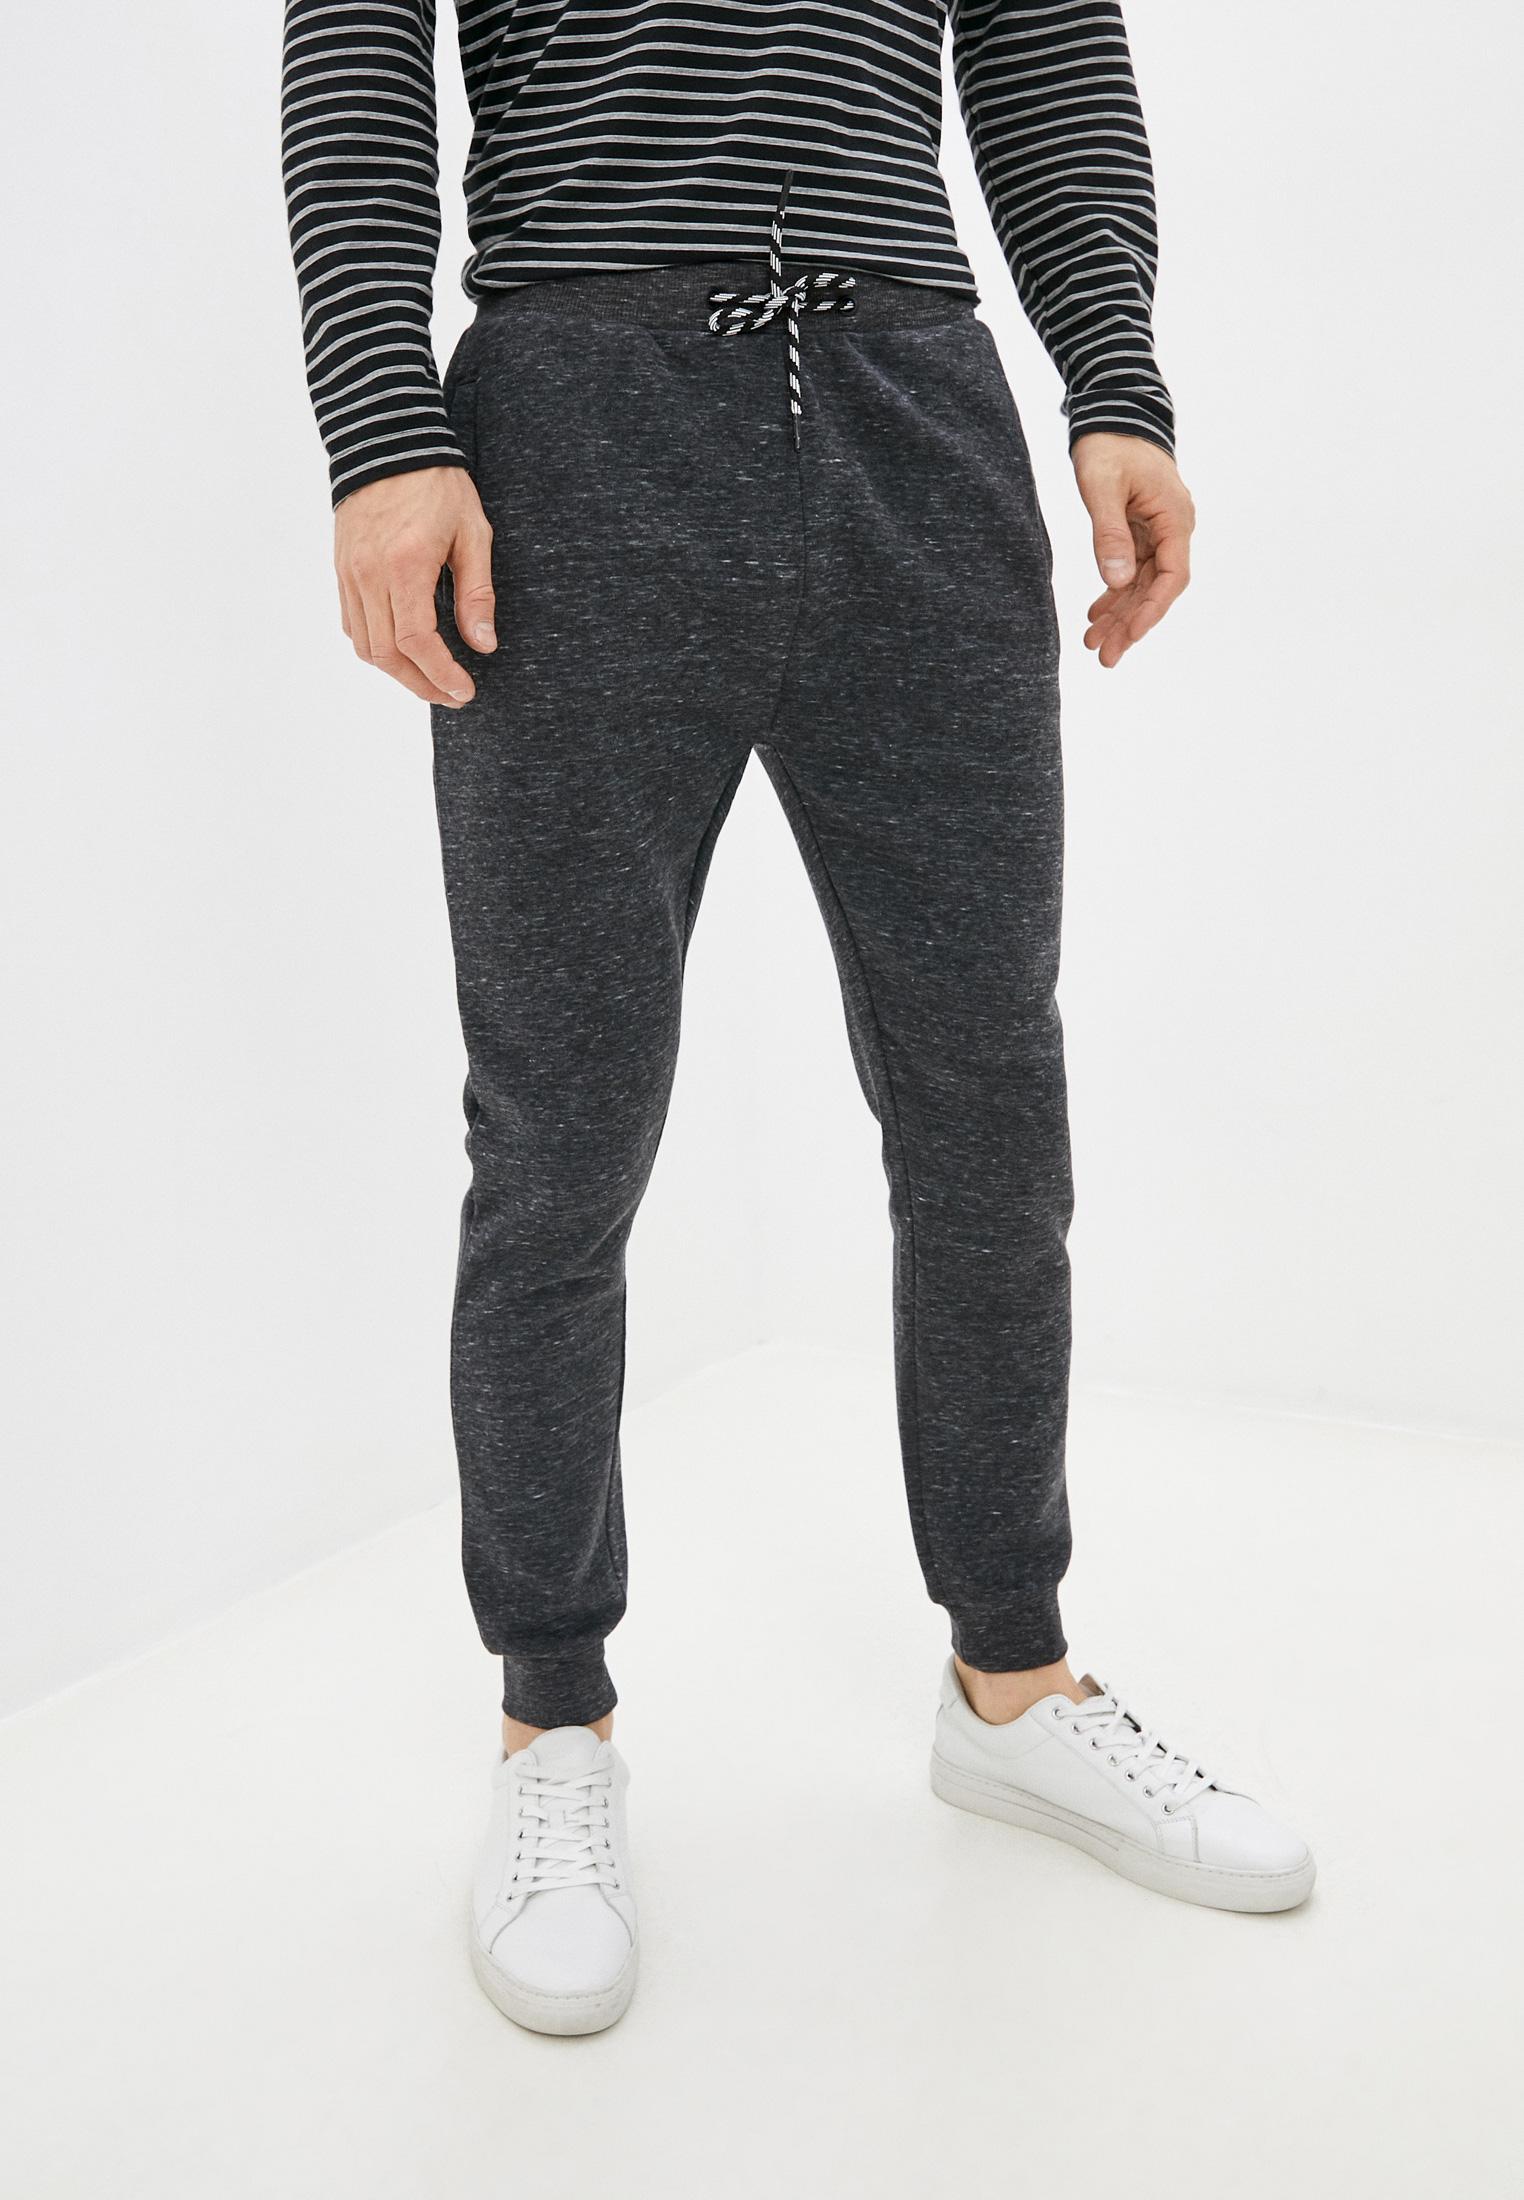 Мужские спортивные брюки DISSIDENT Брюки спортивные Dissident